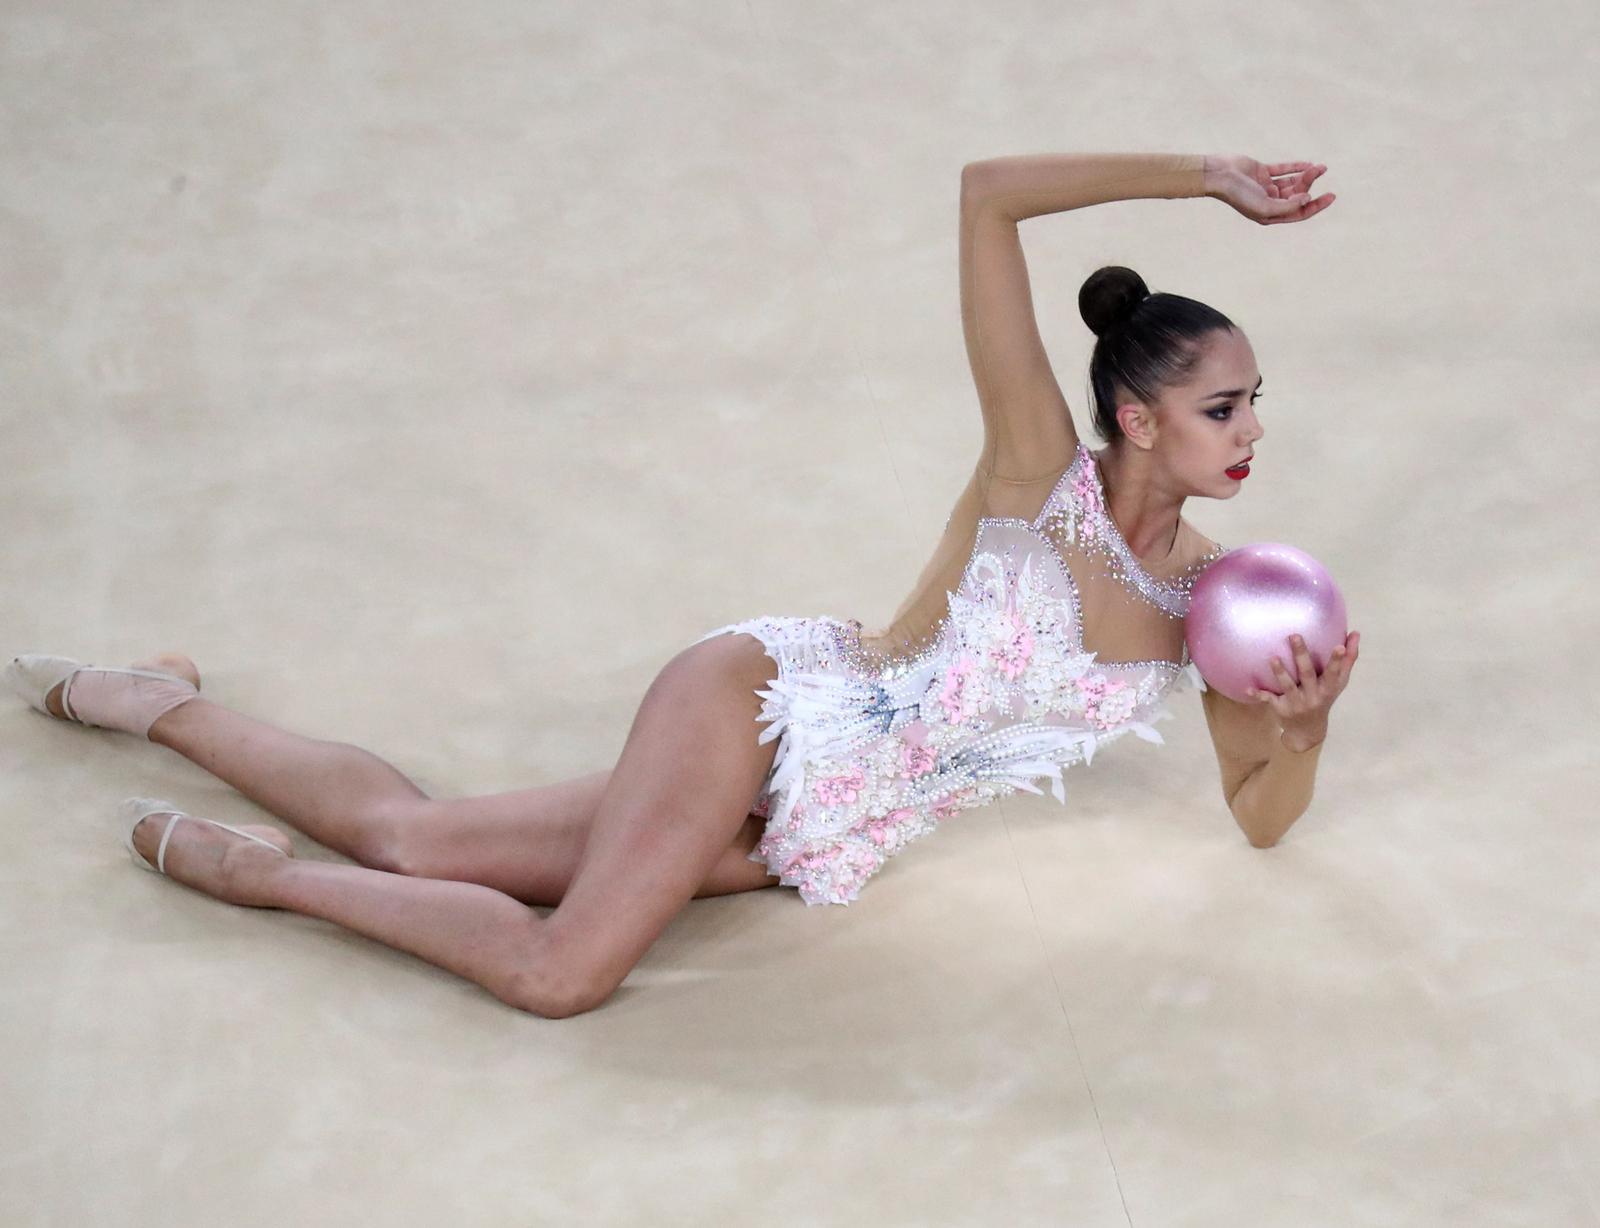 Российская гимнастка Яна Кудрявцева во время выступления